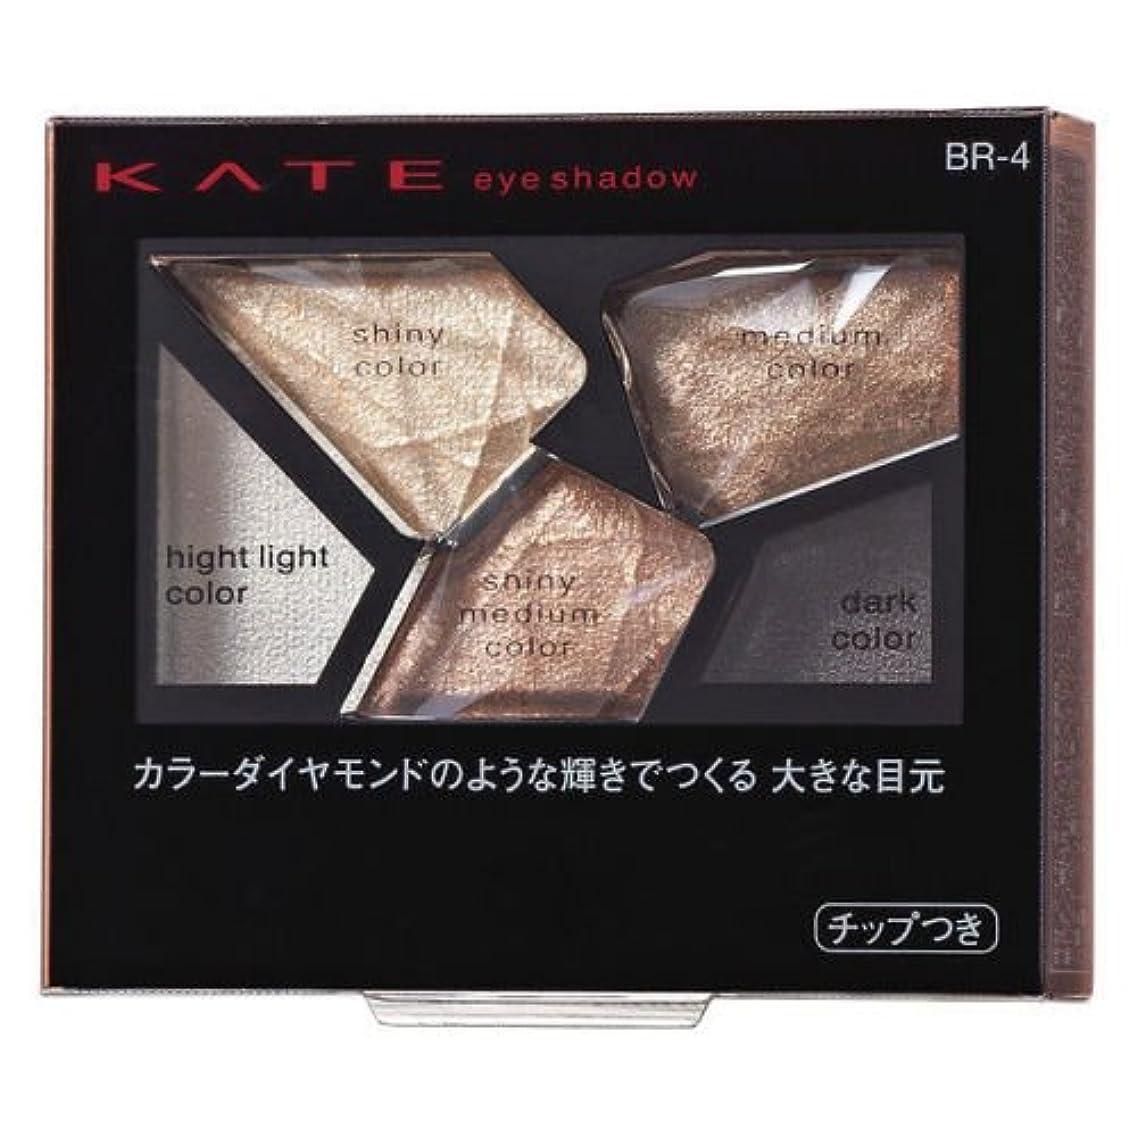 誤って検出砦【カネボウ】ケイト カラーシャスダイヤモンド #BR-4 2.8g